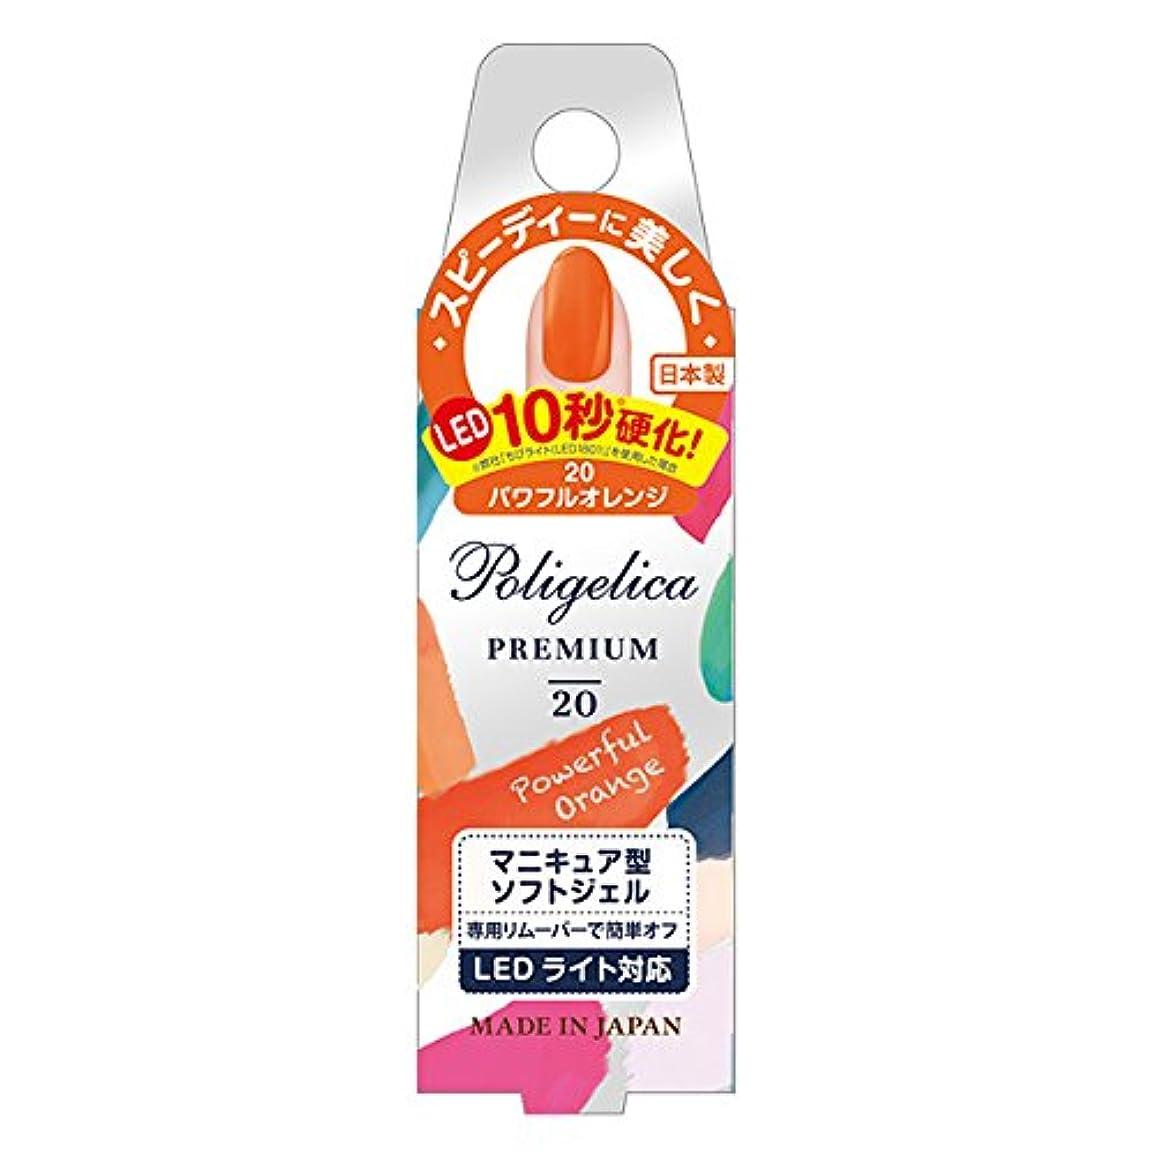 BW ポリジェリカプレミアム カラージェル APGC 1020 パワフルオレンジ (6g)